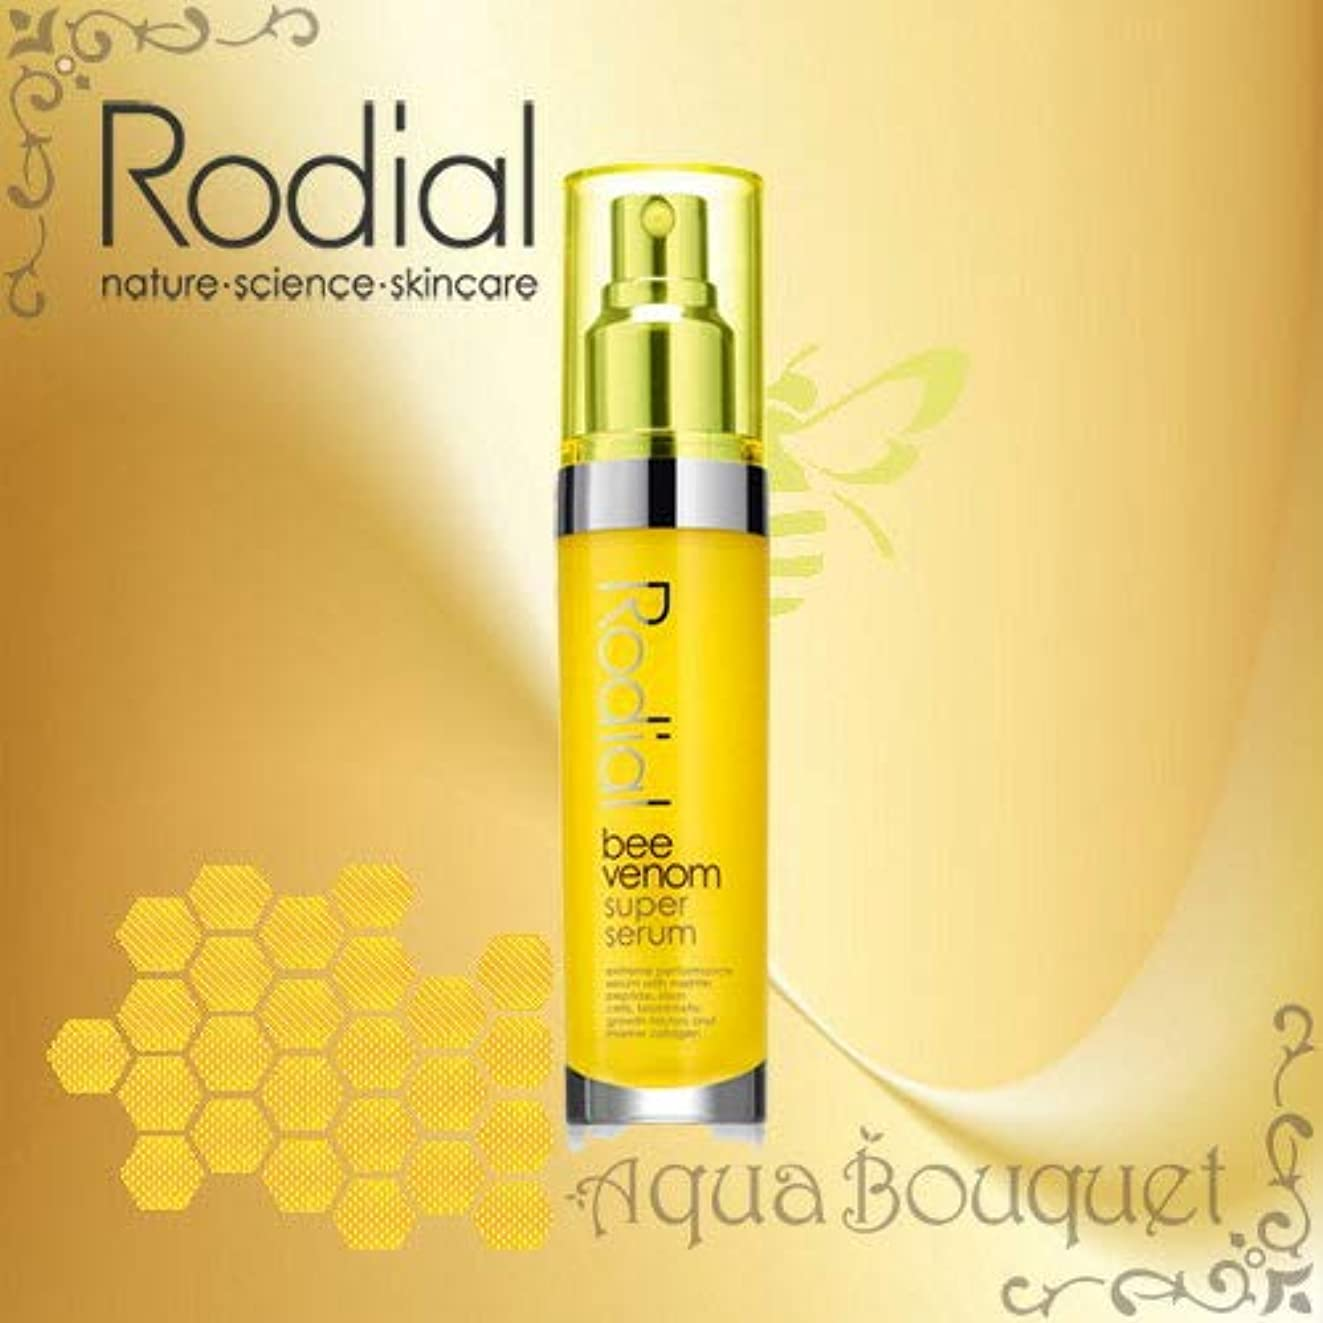 甘やかす成長する関係するロディアル ビー セラム 30ml RODIAL Bee Venom Super Serum [2042] [並行輸入品]